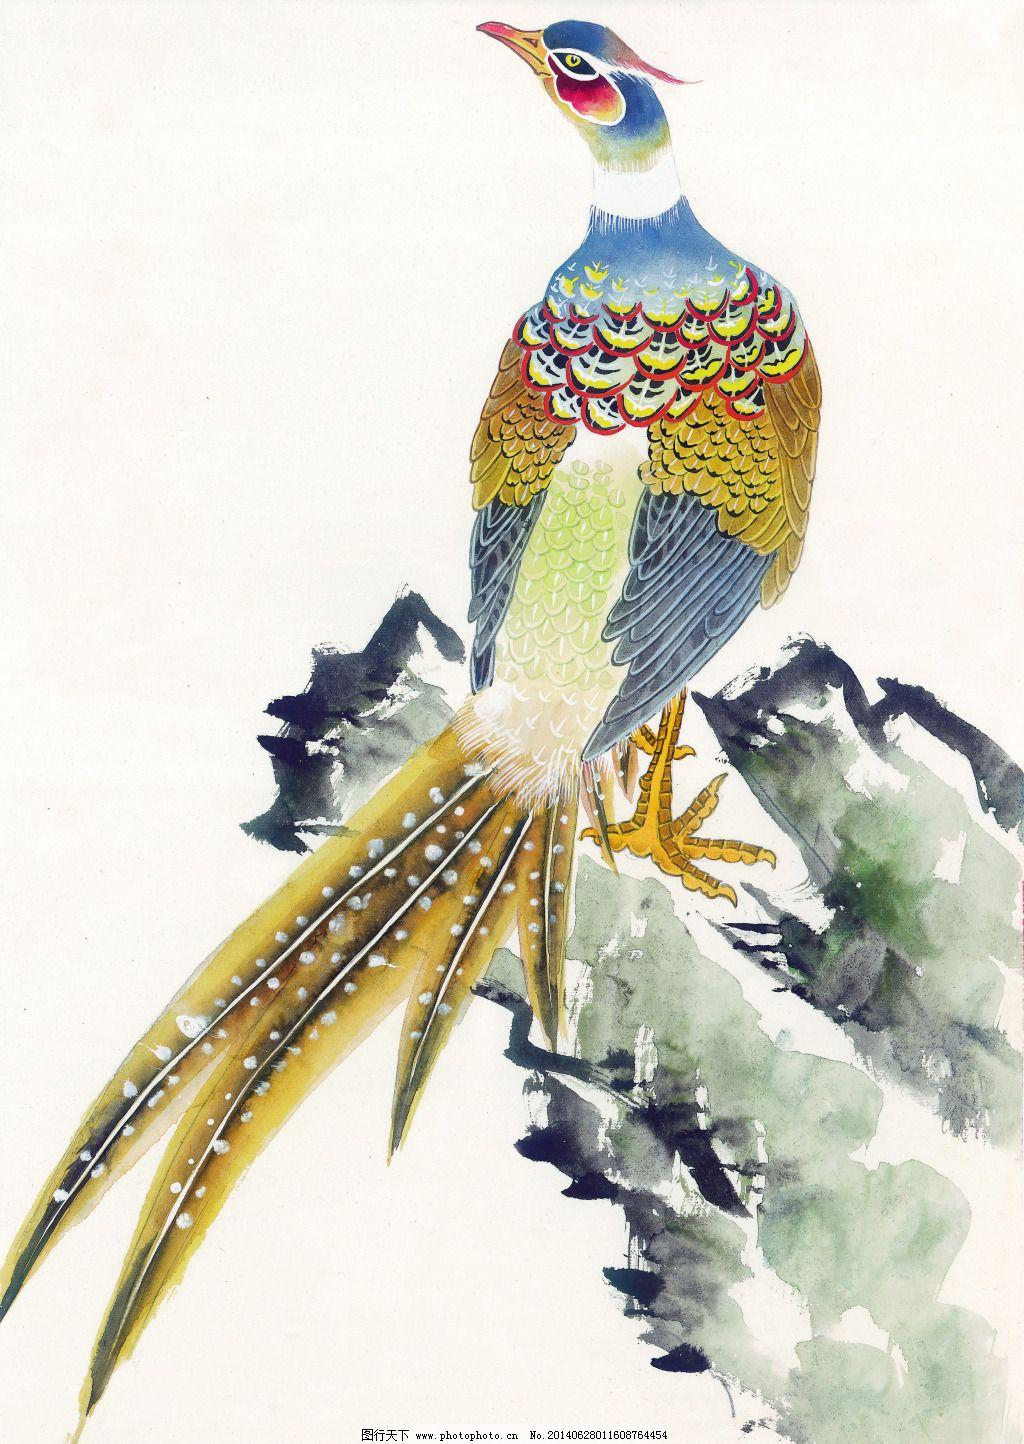 绘画 孔雀 美术 泼墨 人物 水墨 文化艺术 花鸟 孔雀 花鸟艺术 工笔画